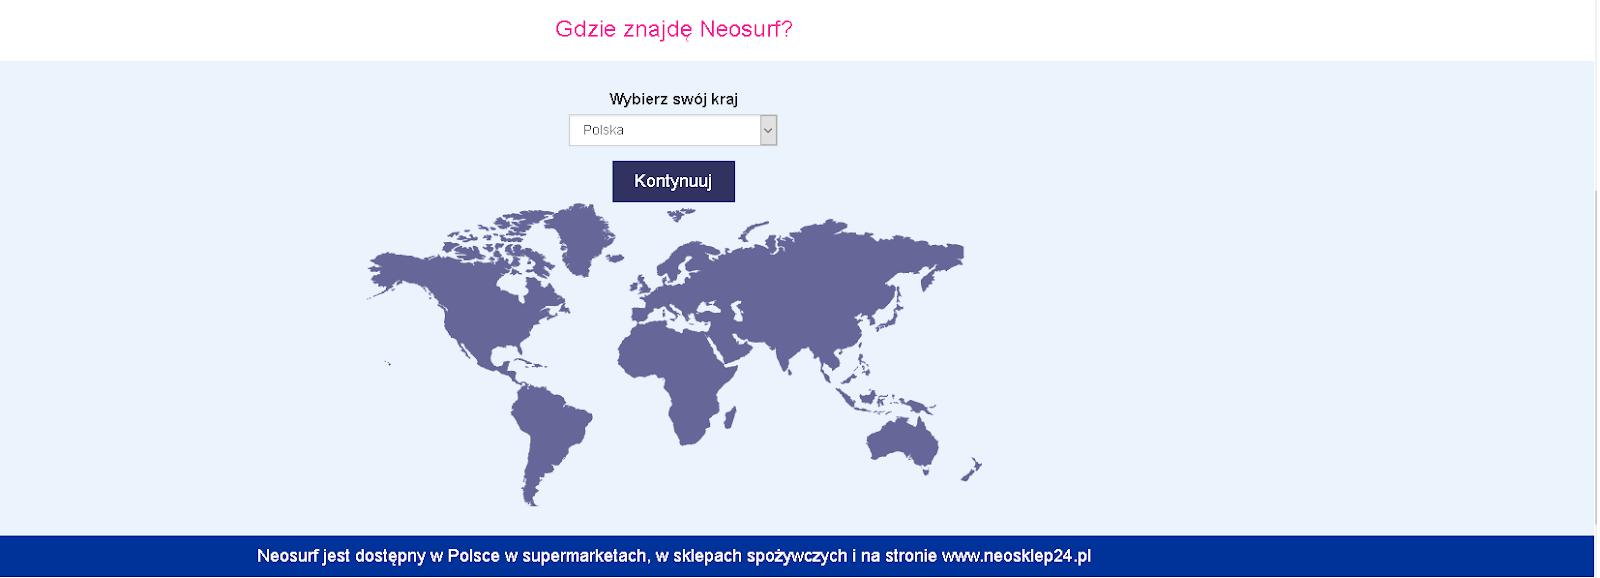 Wchodzimy na stronę Neosurf